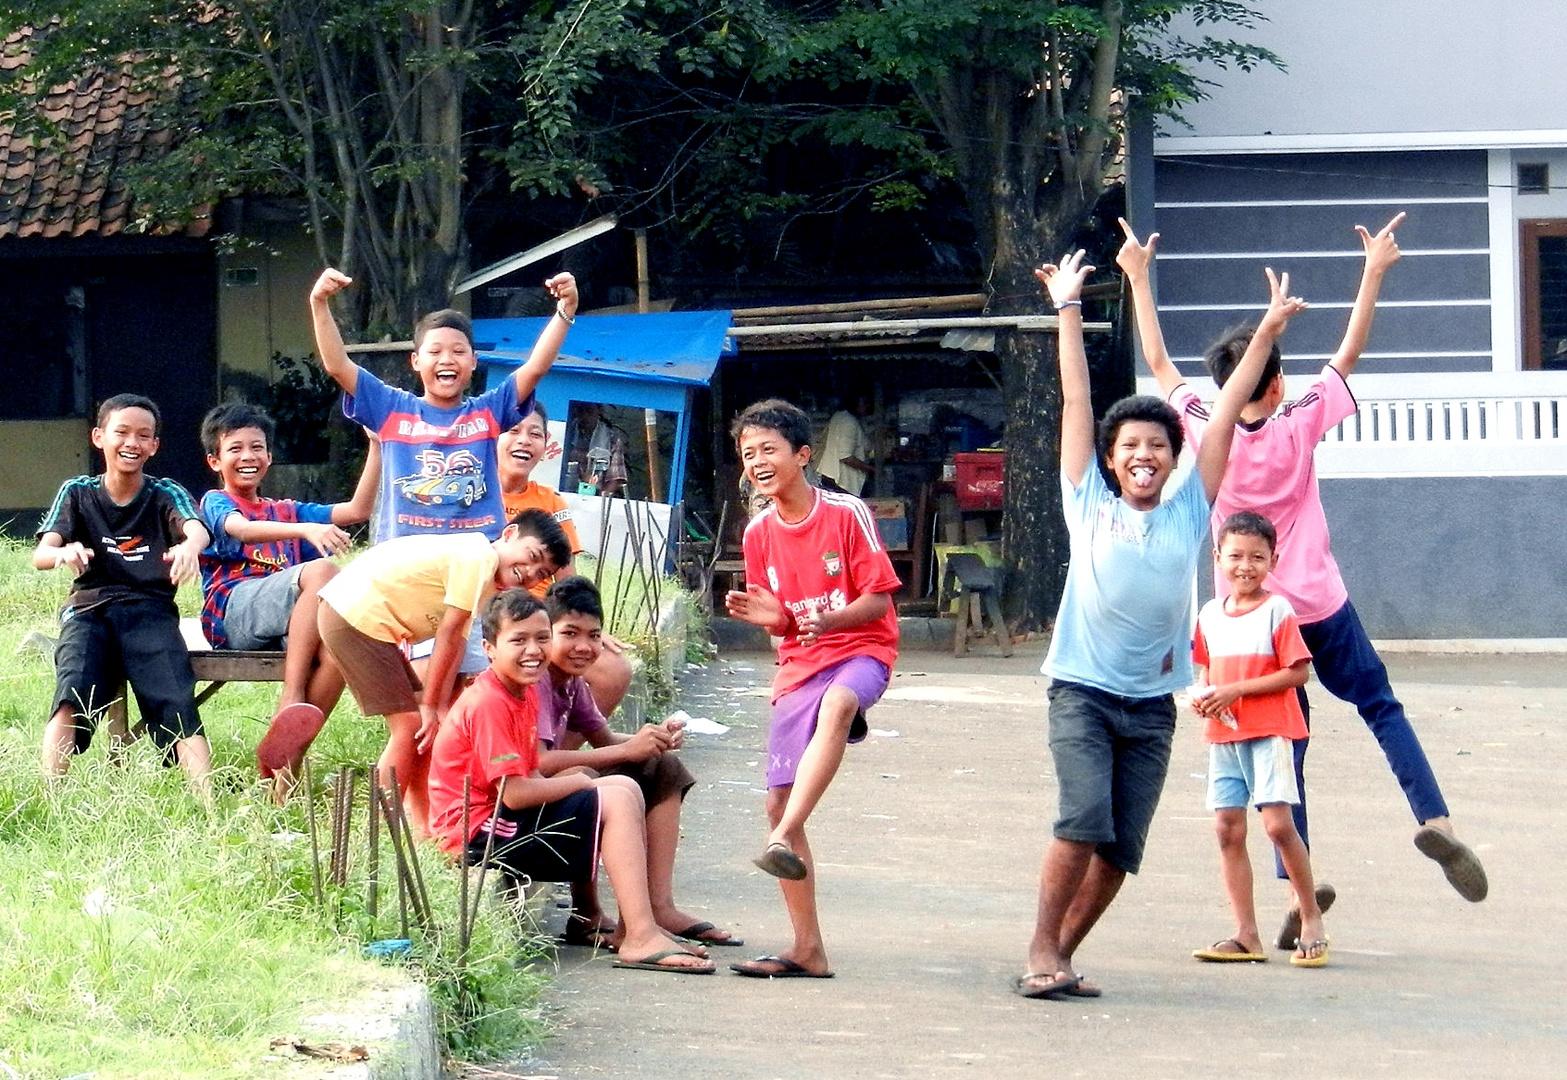 Schulkinder in Jakarta/Indonesien